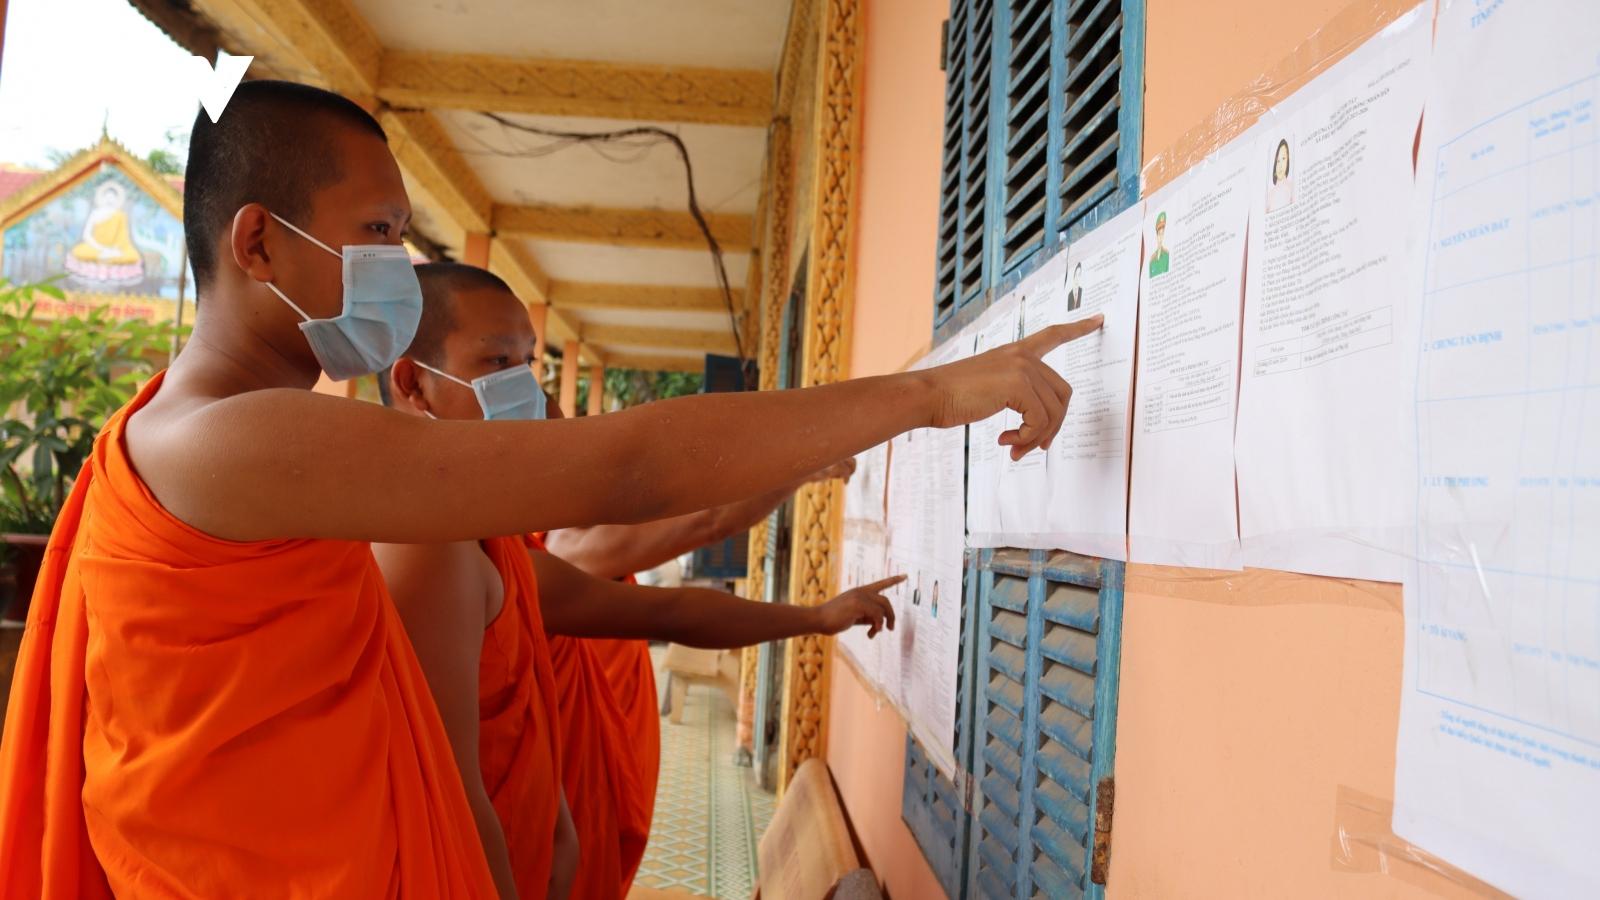 Cử tri Khmer: Vừa lo mùa vụ, vừa tranh thủ tìm hiểu ứng cử viên